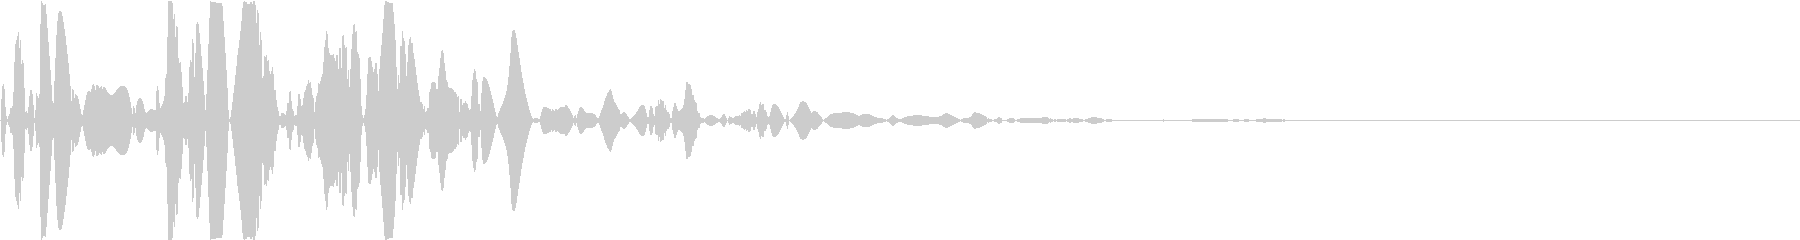 ベチャッ02(泥・液体系のアクション音)の未再生の波形